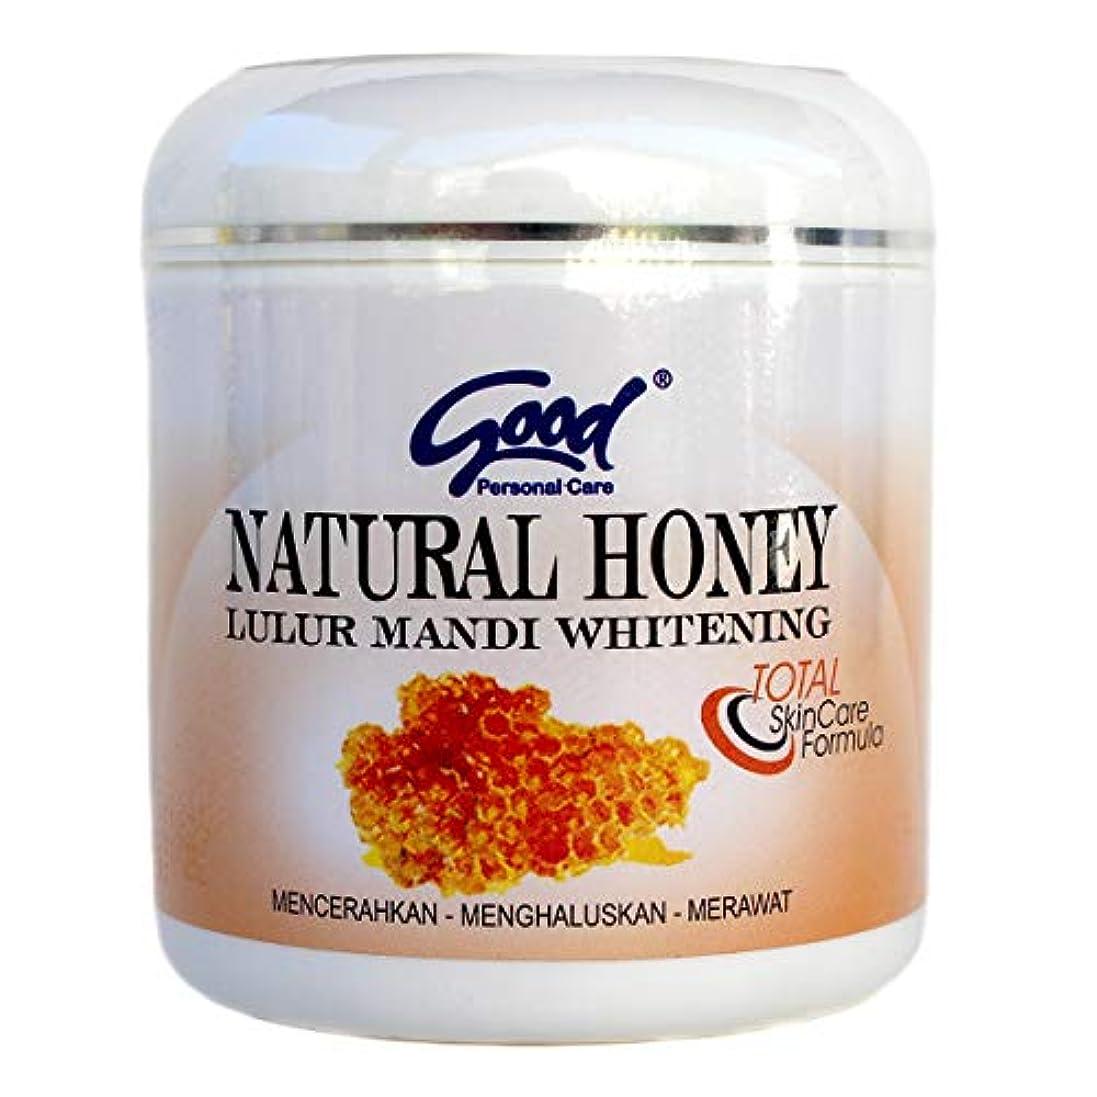 ジャベスウィルソンケーブルカー飲料good グッド インドネシアバリ島の伝統的なボディスクラブ Lulur Mandi マンディルルール 200g Natural Honey ナチュラルハニー [海外直送品]